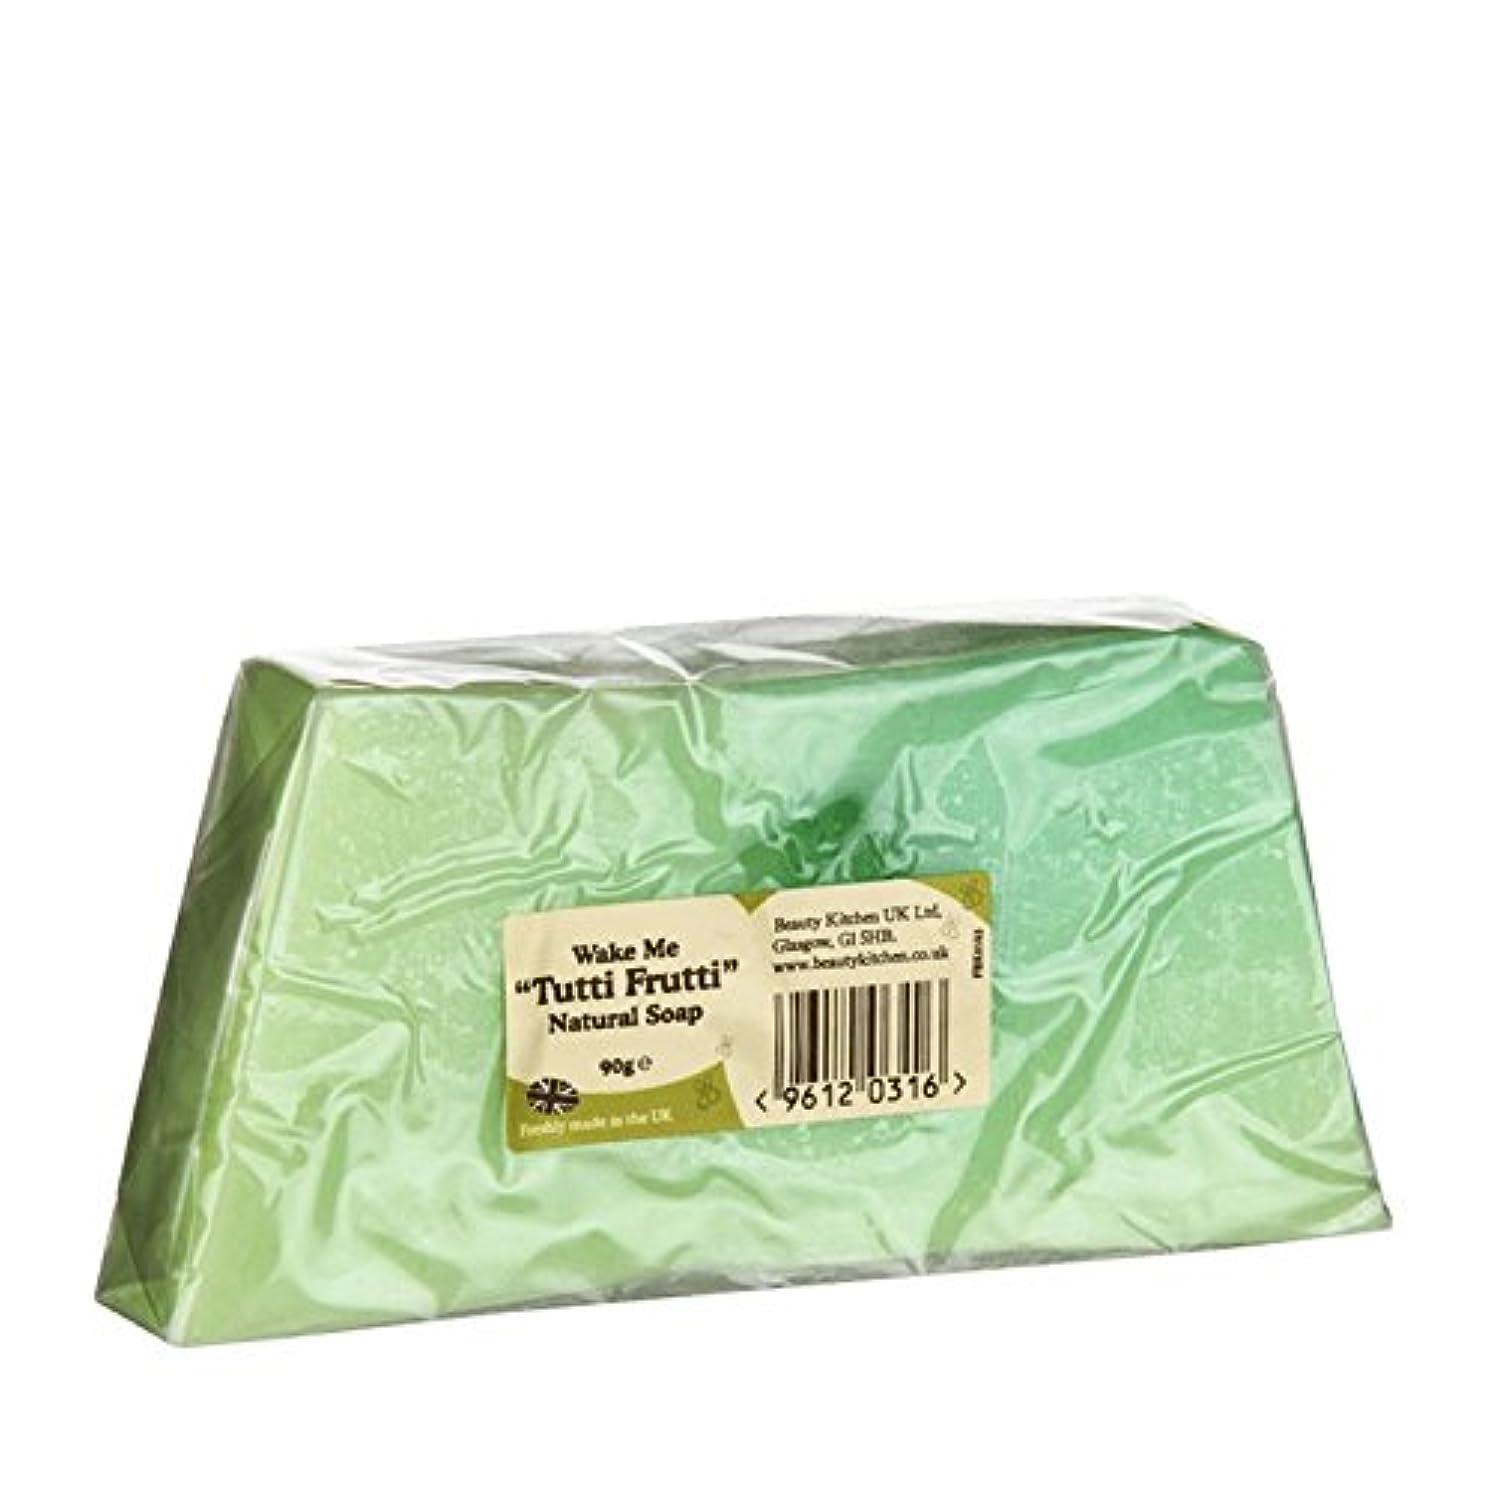 柔らかさスリル租界Beauty Kitchen Wake Me Tutti Frutti Natural Soap 90g (Pack of 2) - 美しさのキッチンは私トゥッティフルッティの天然石鹸90グラムウェイク (x2) [並行輸入品]